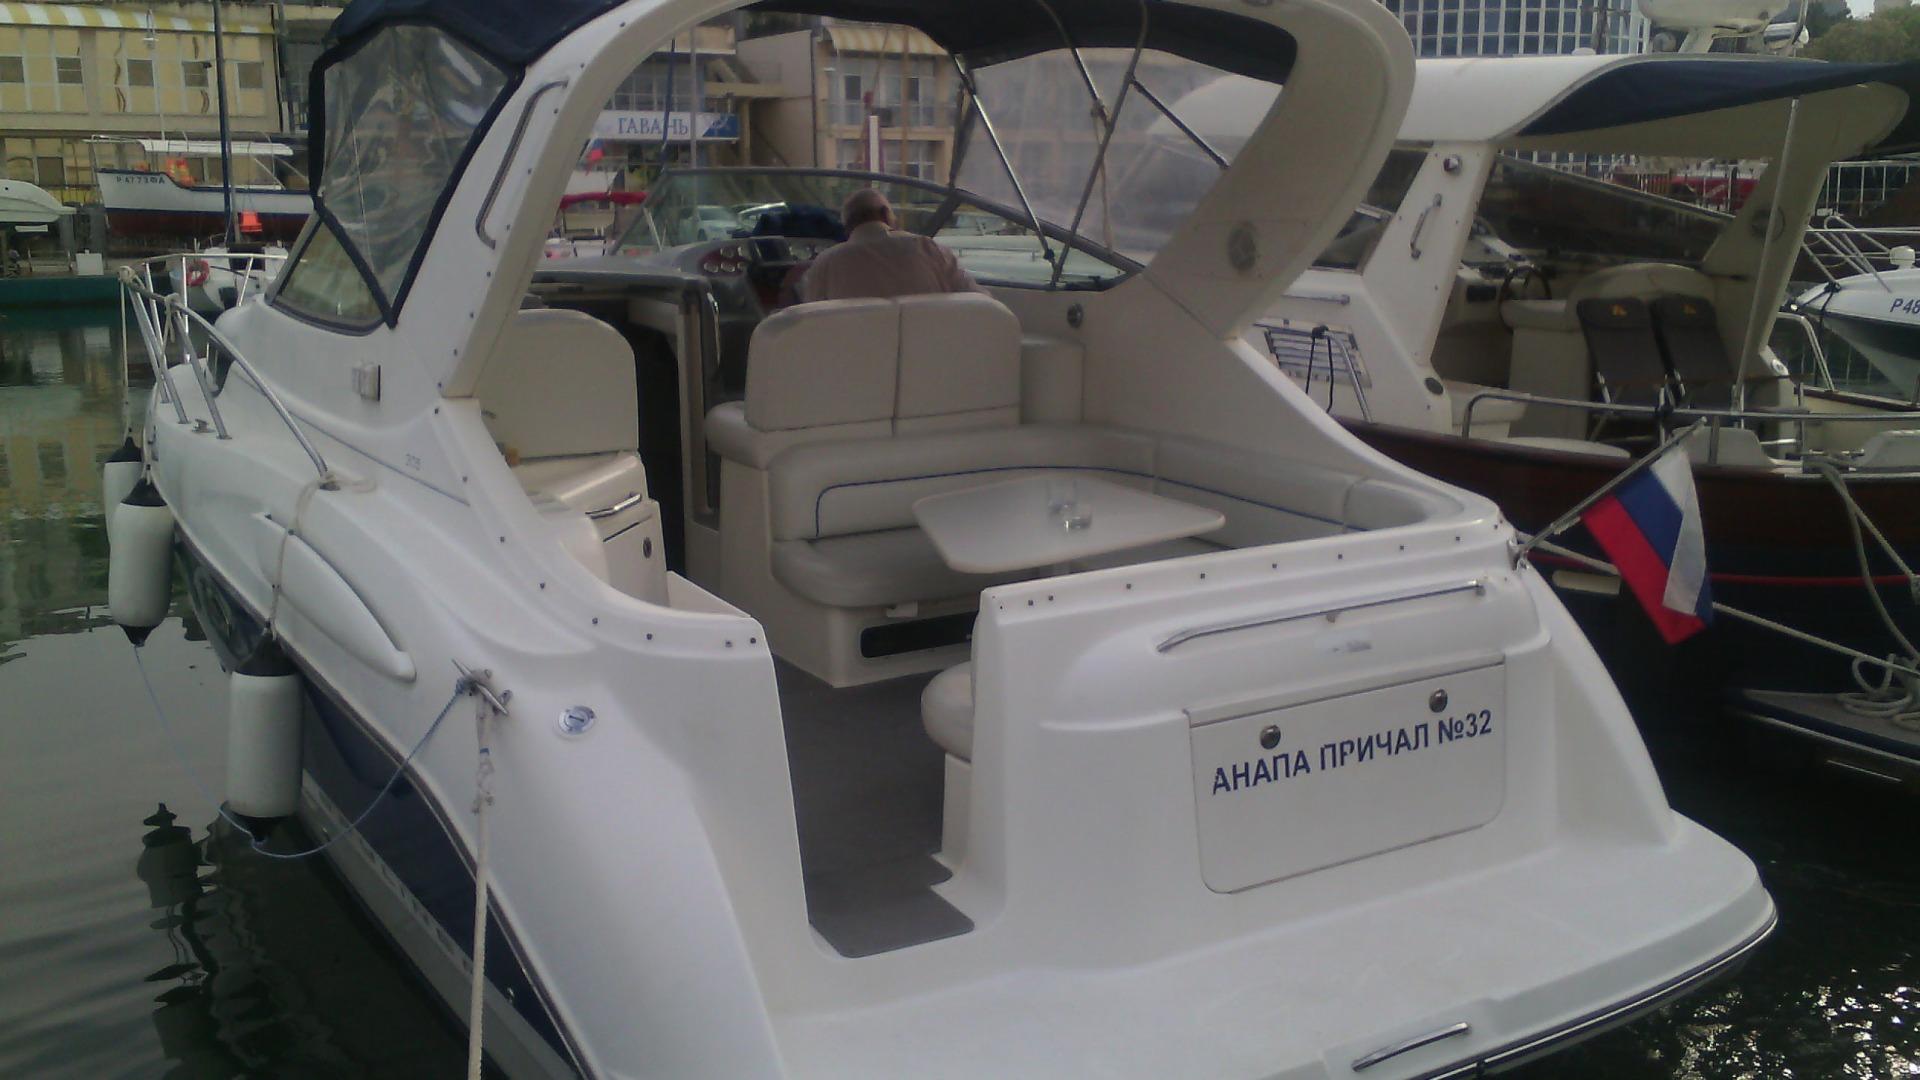 Скоростной катер bayliner в Анапе для морской прогулки